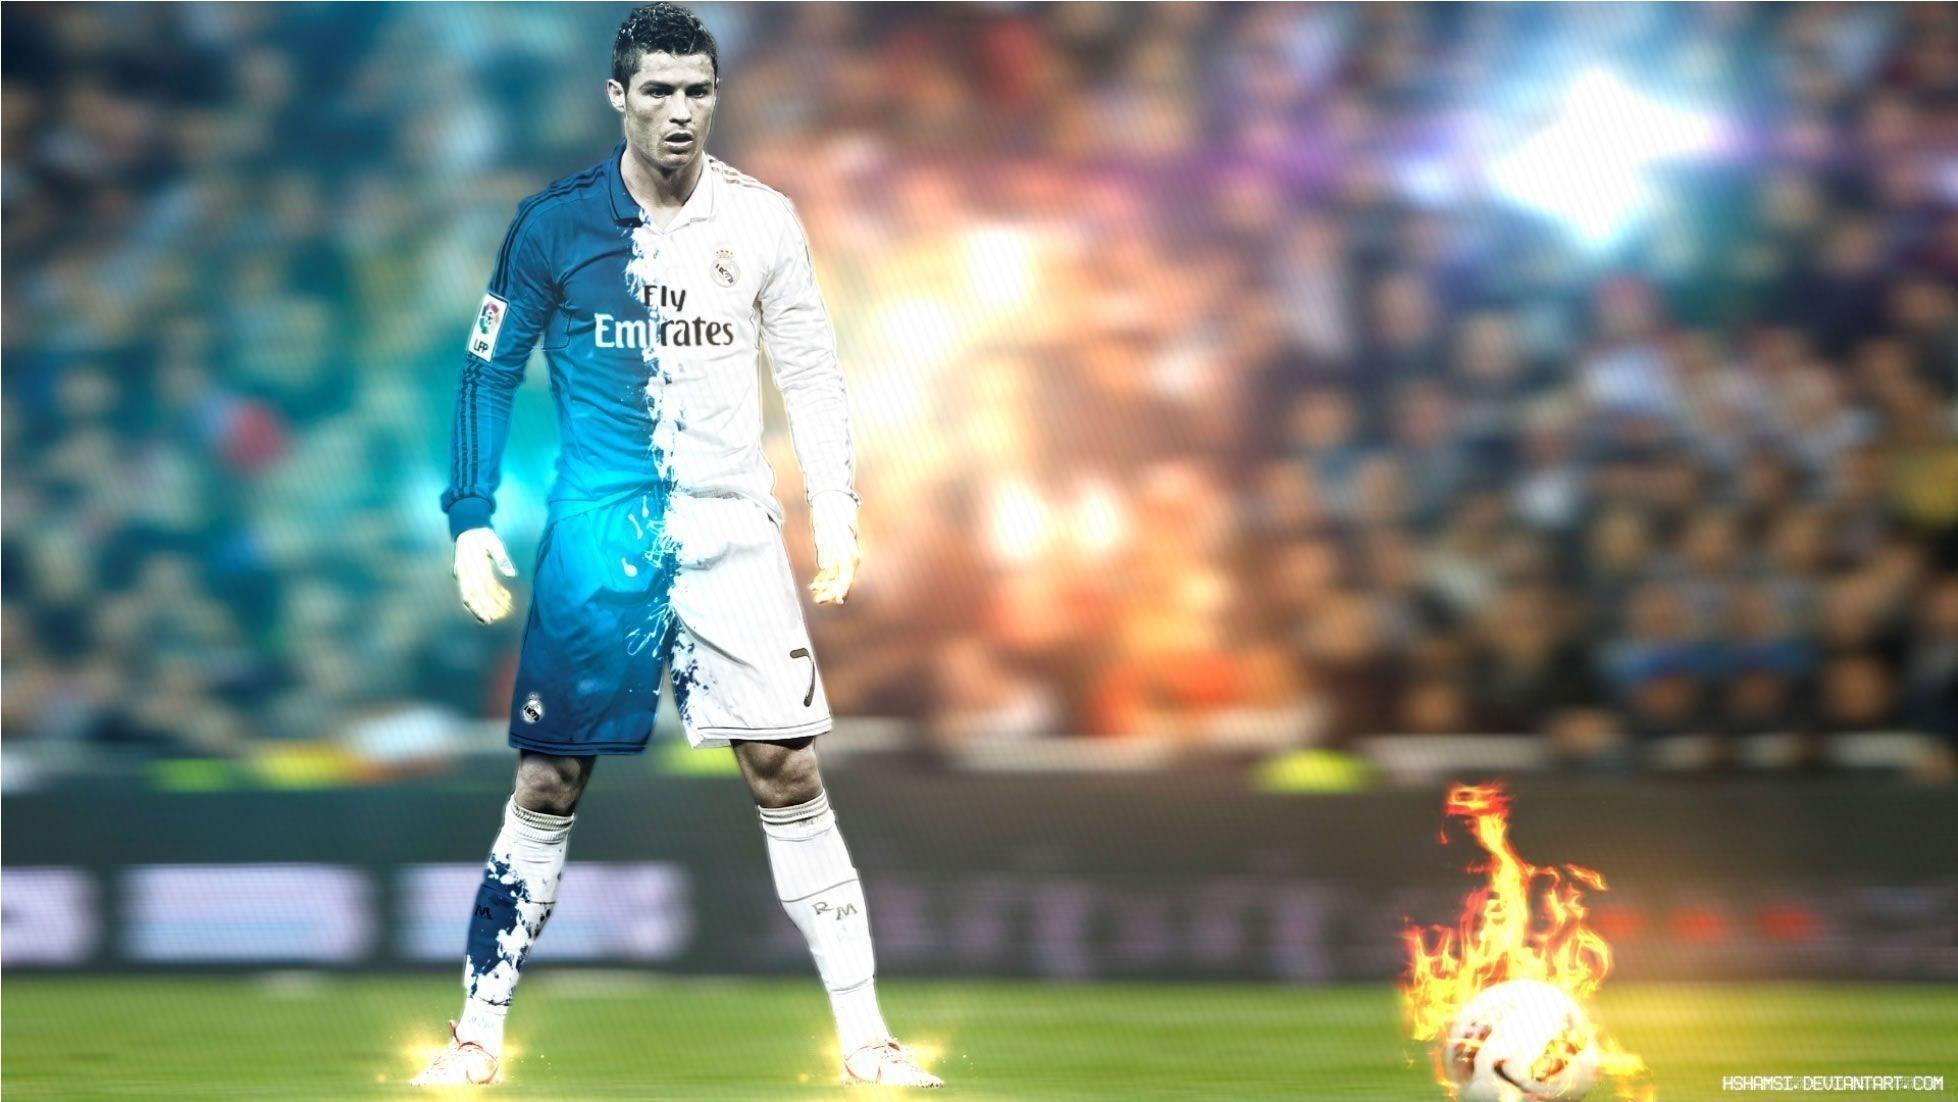 X Cristiano Ronaldo  Wallpaper Cave